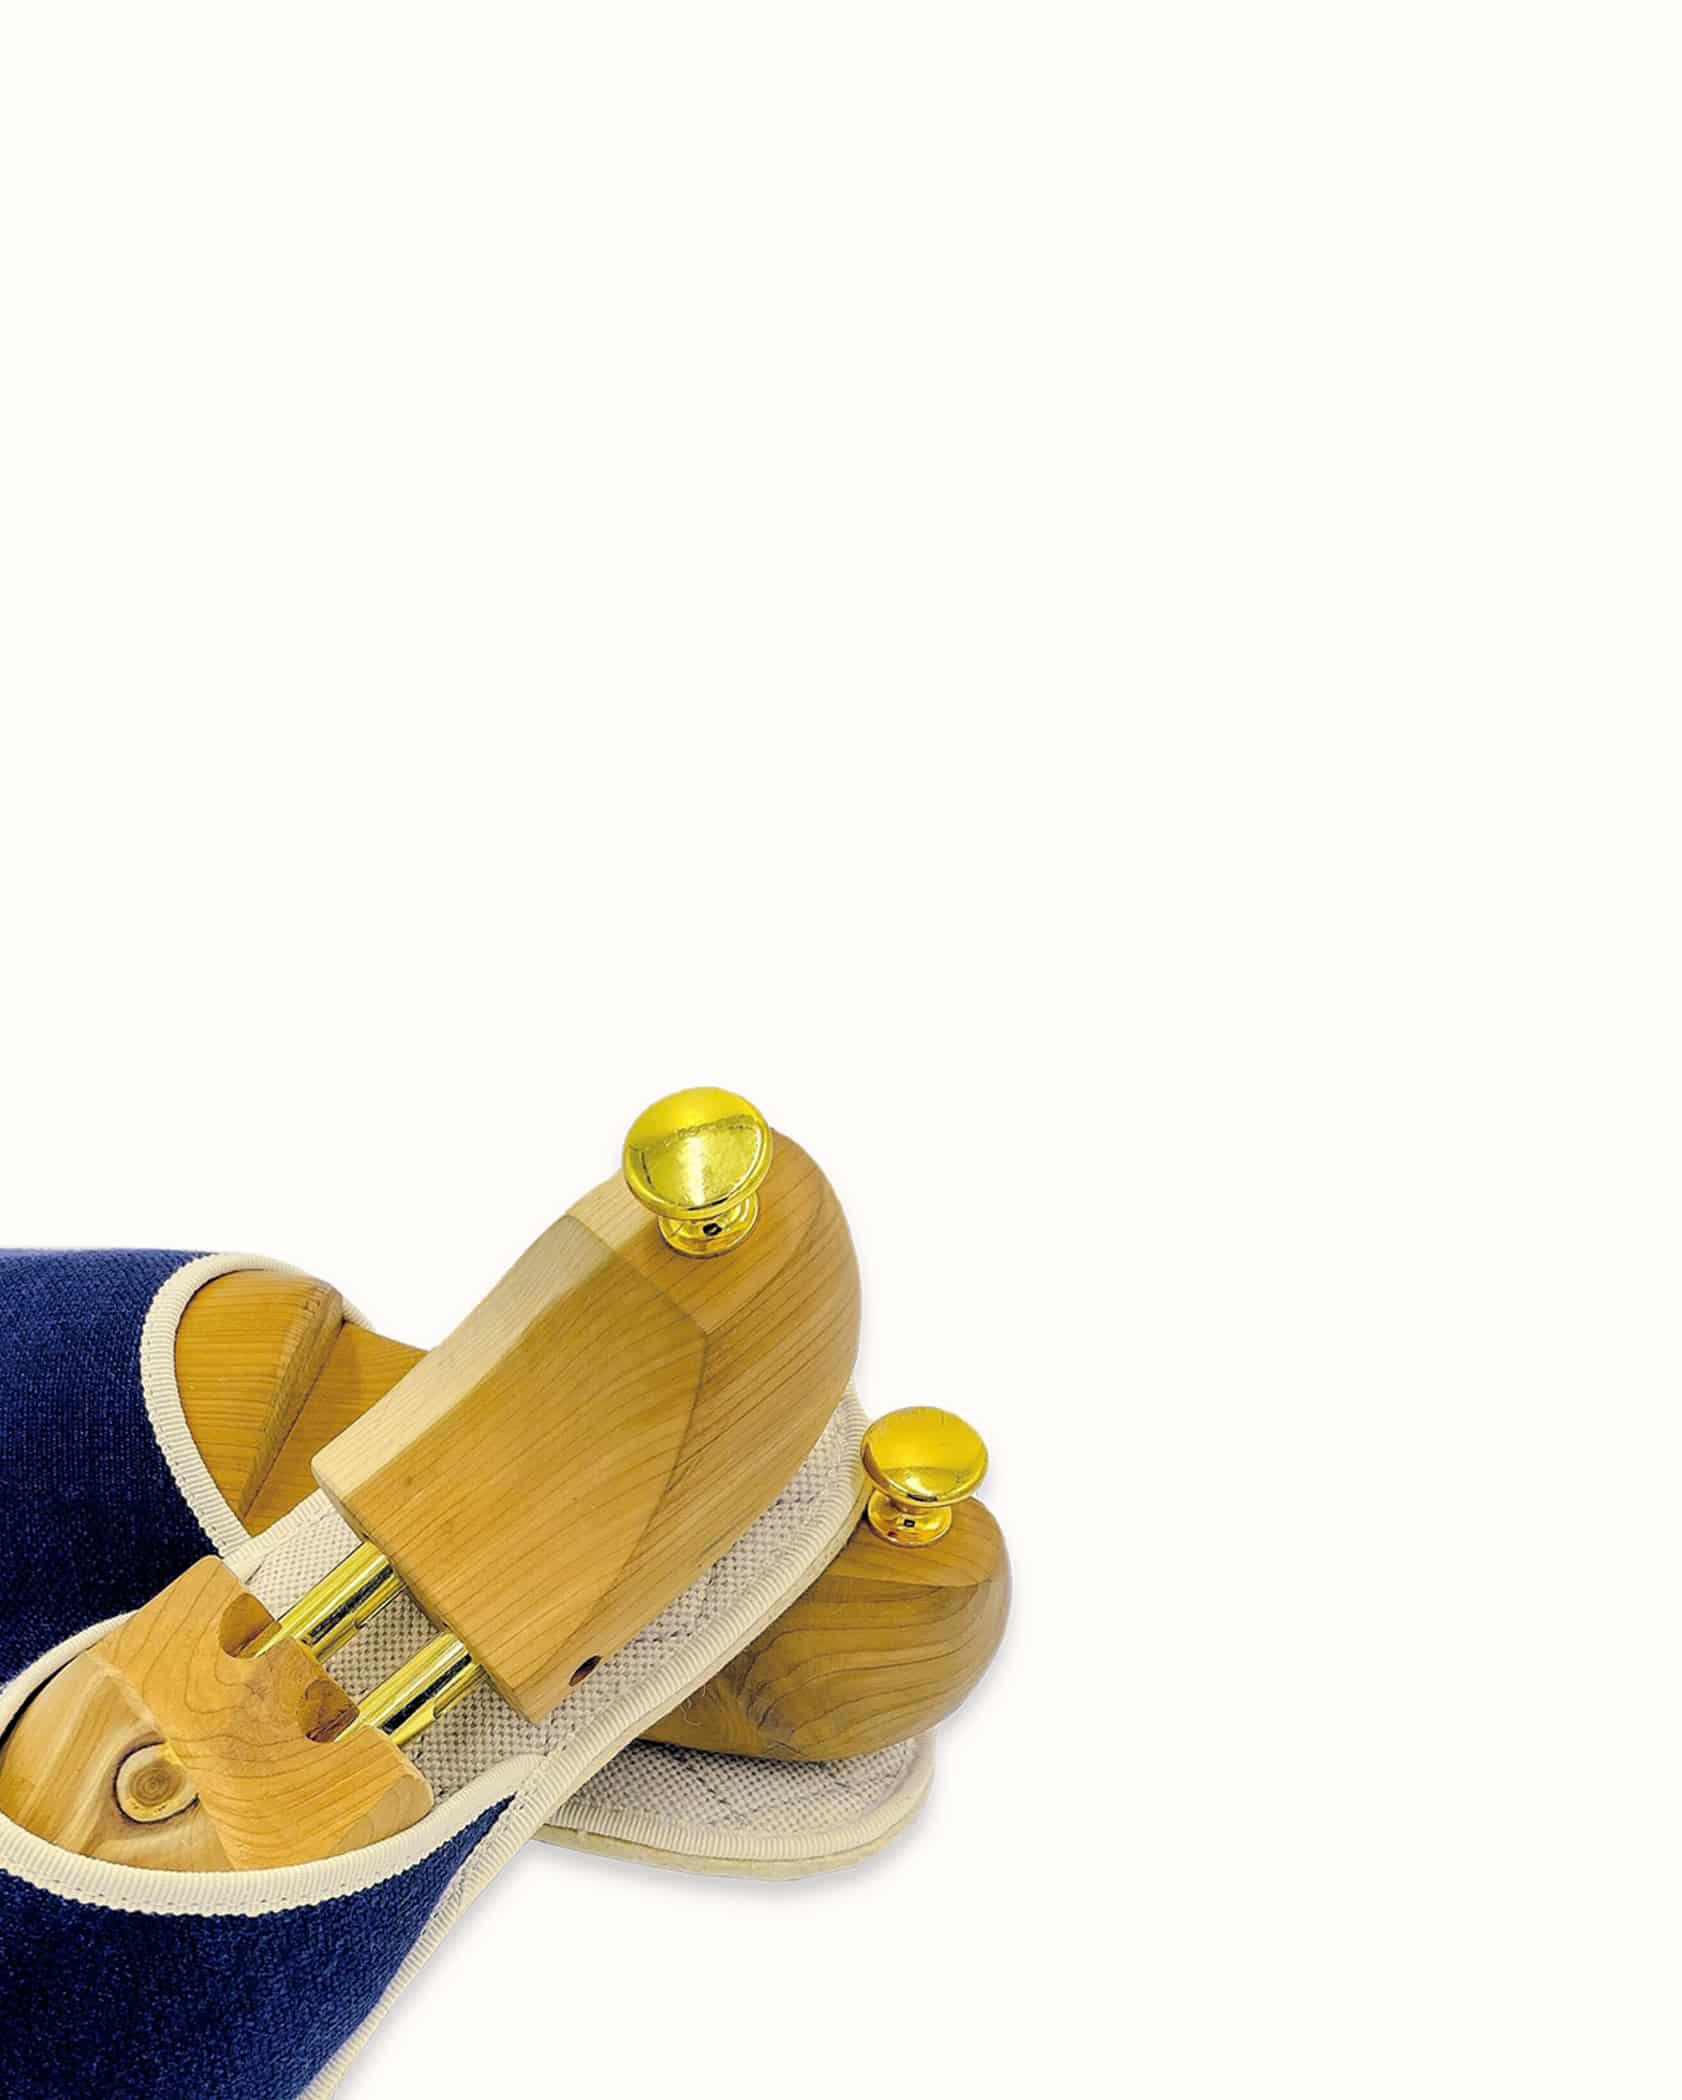 Chausson français pour homme, femme et enfant fabriqué en France. Modèle Nuit d'Ivresse (marine et beige), une pantoufle comme à l'hôtel vêtue d'un rembourrage matelassé et d'une finition sophistiquée.